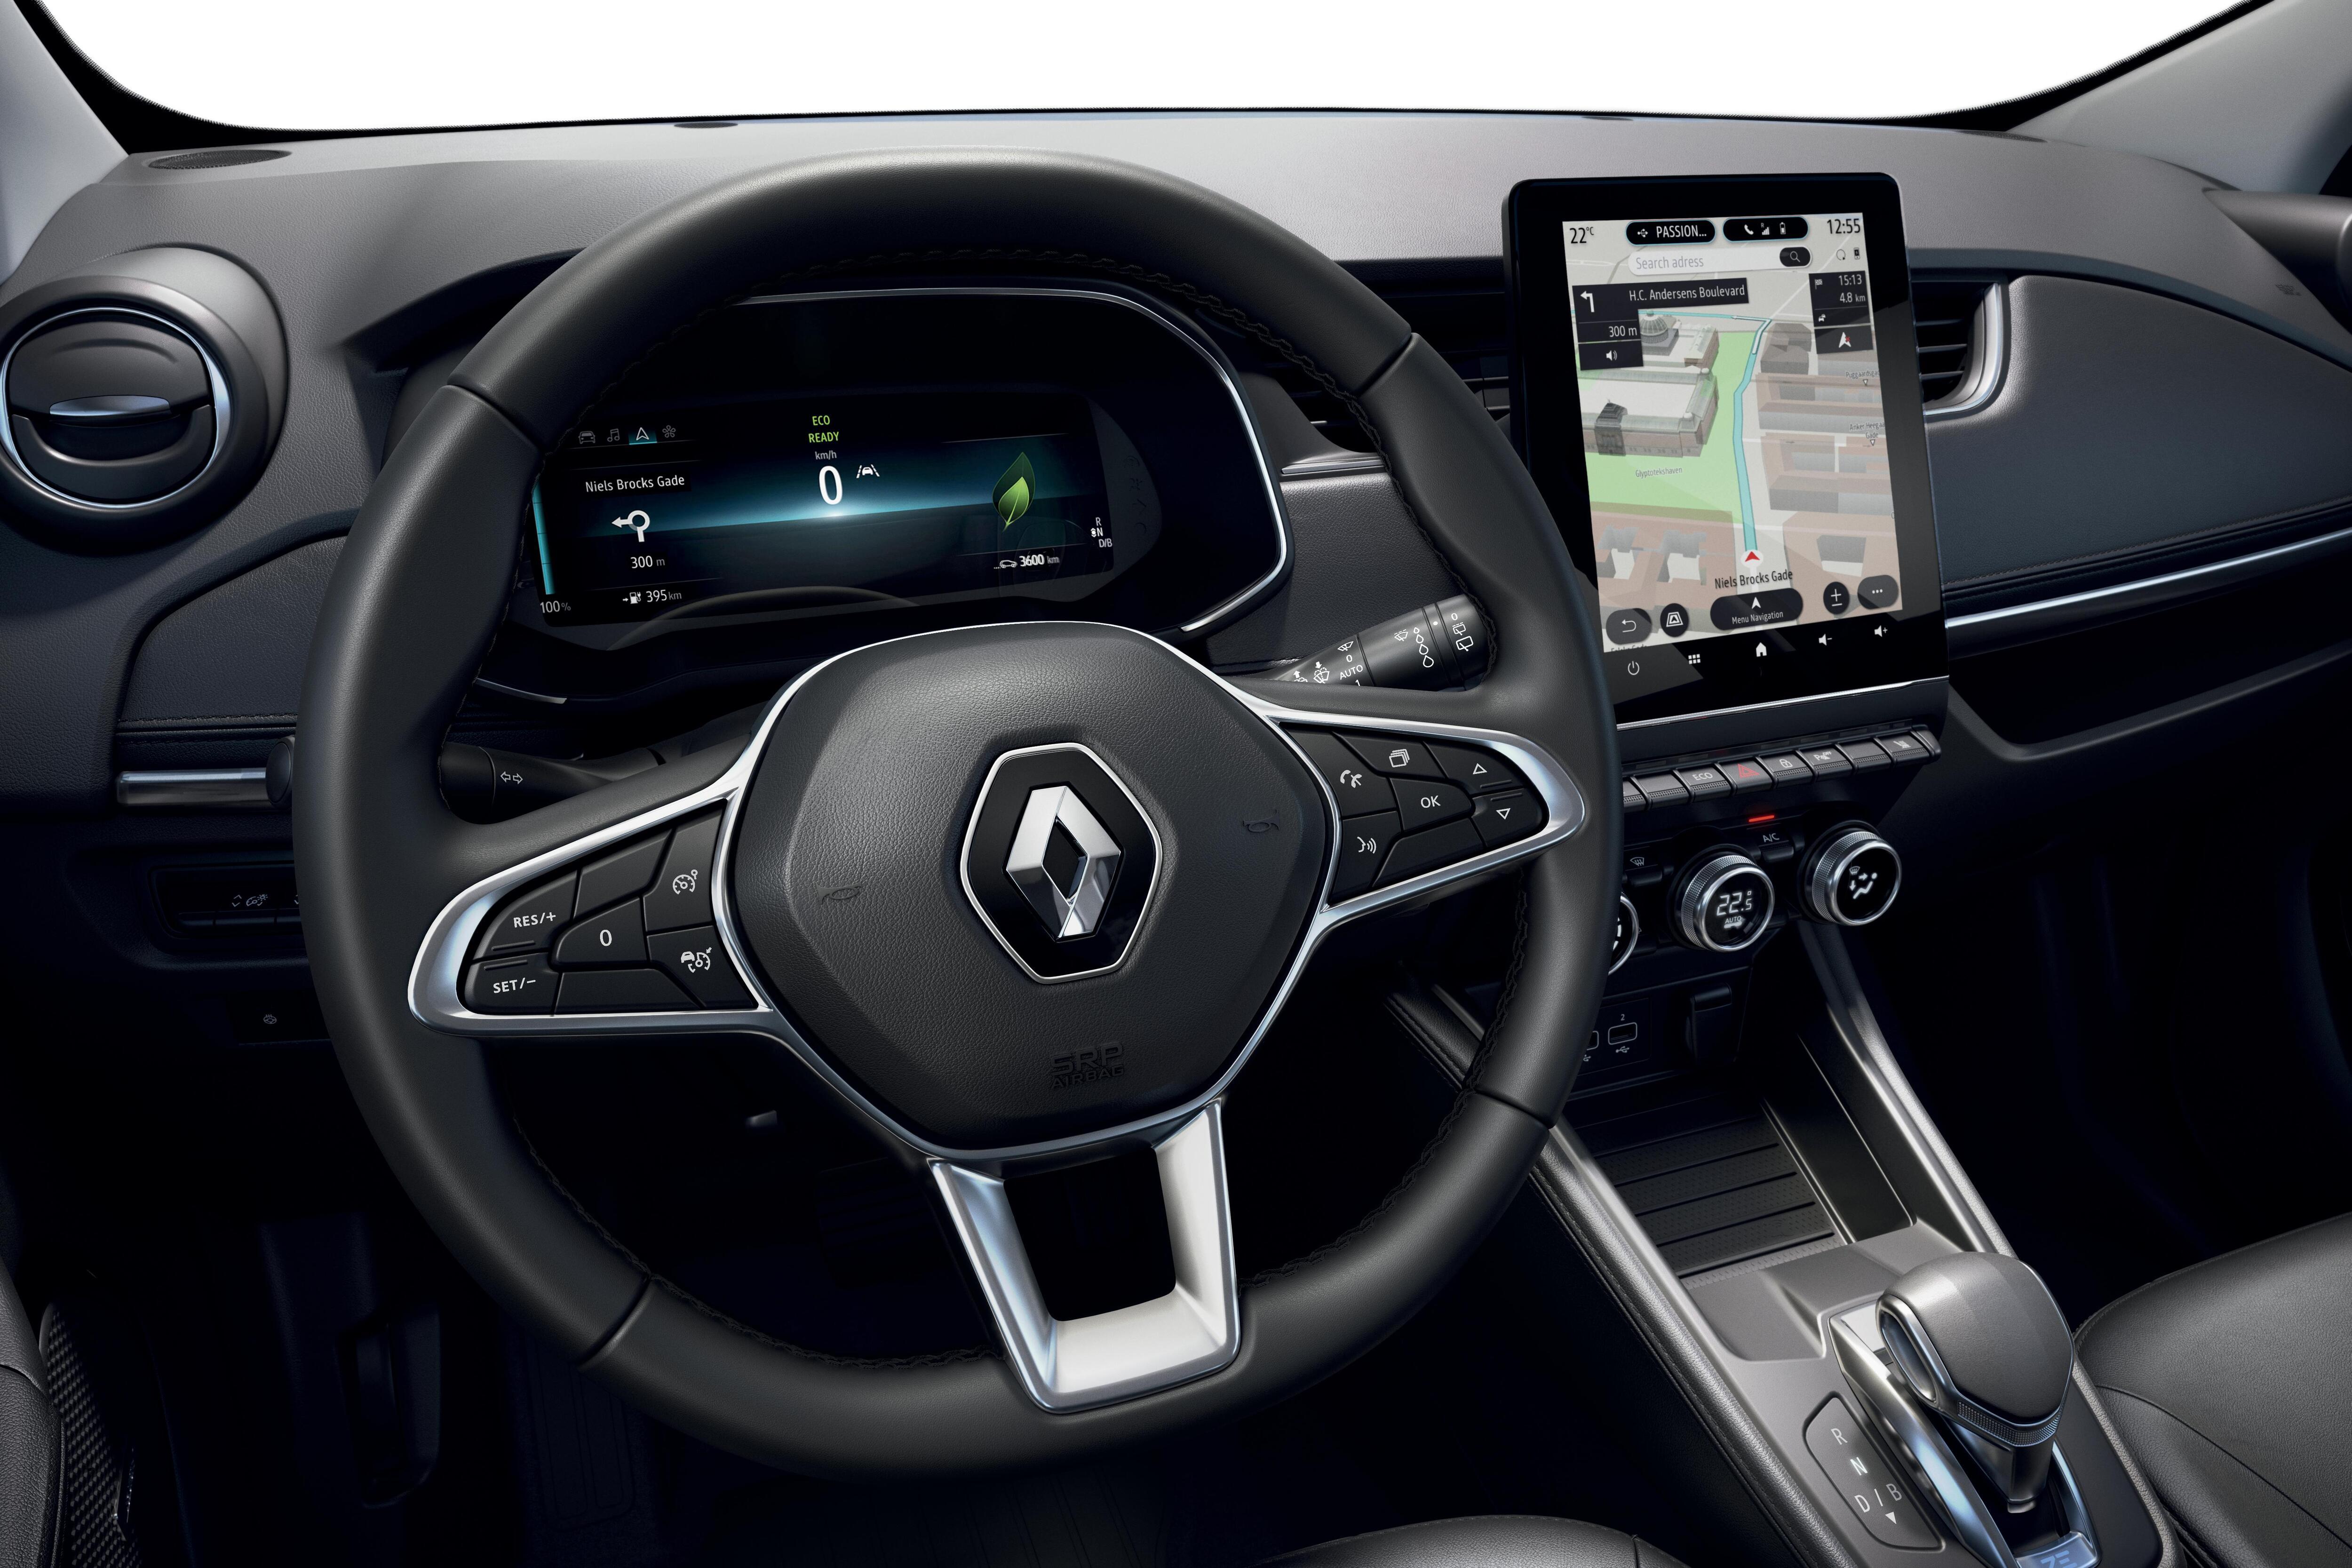 Multimediasystem EASY LINK mit 9.3-Zoll Touchscreen und navigation in Europa